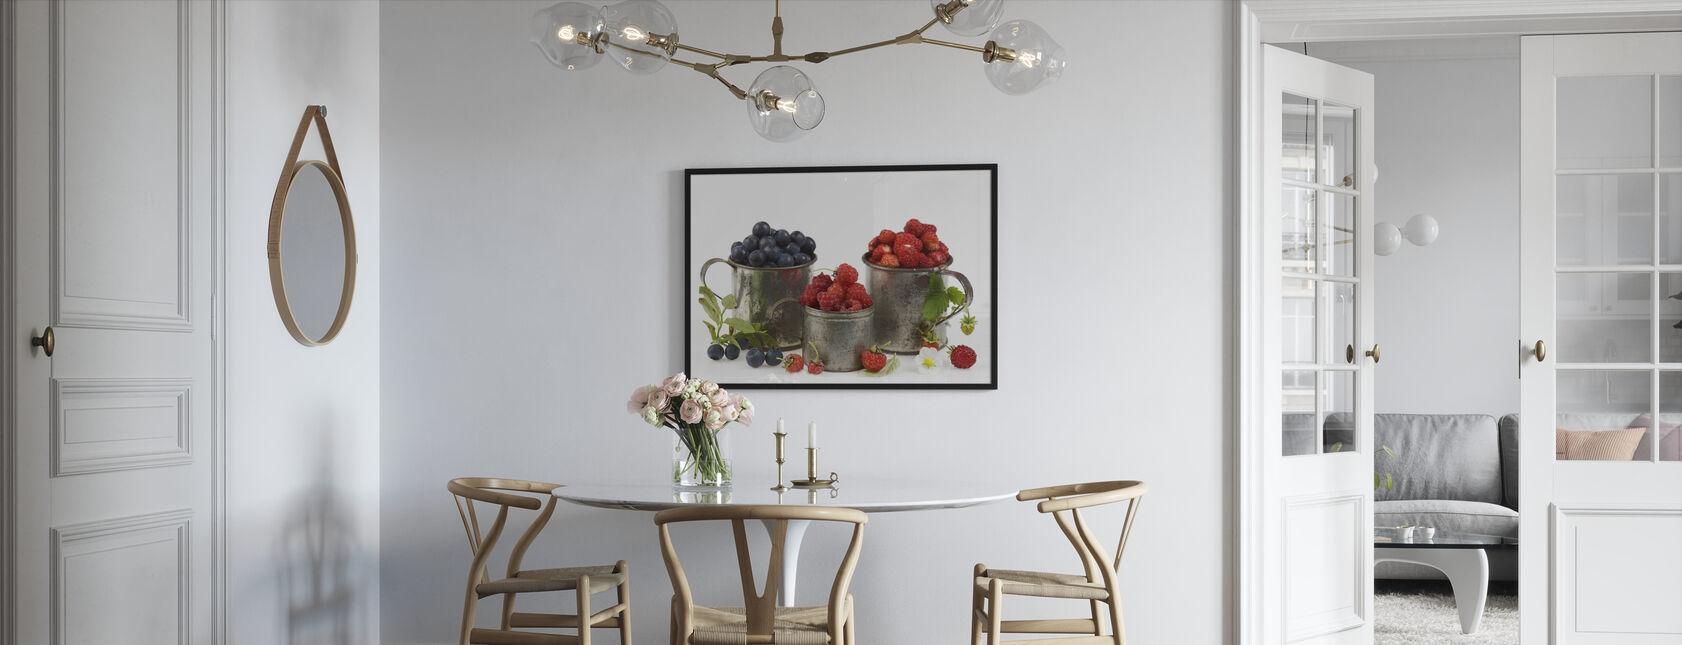 Blåbär Rasberries och jordgubbar - Inramad tavla - Kök